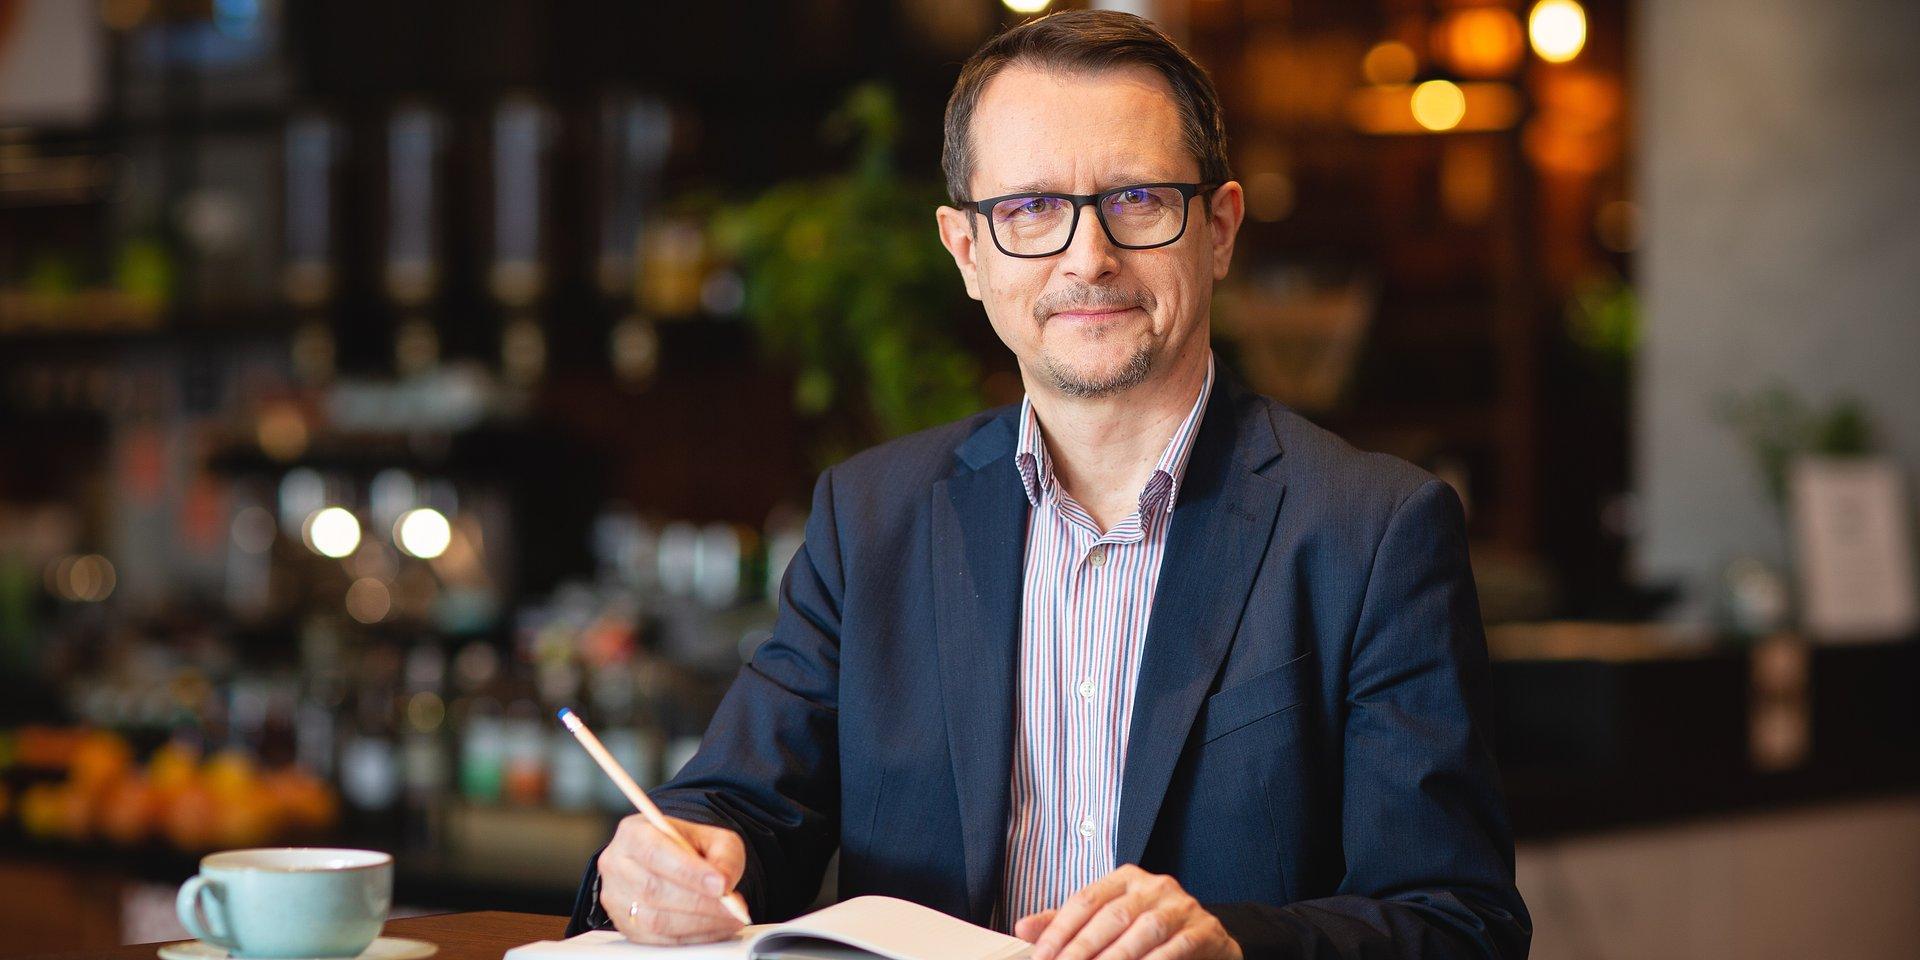 zarzadzanie marką, marketing, reklama: dr hab. Jacek Kall